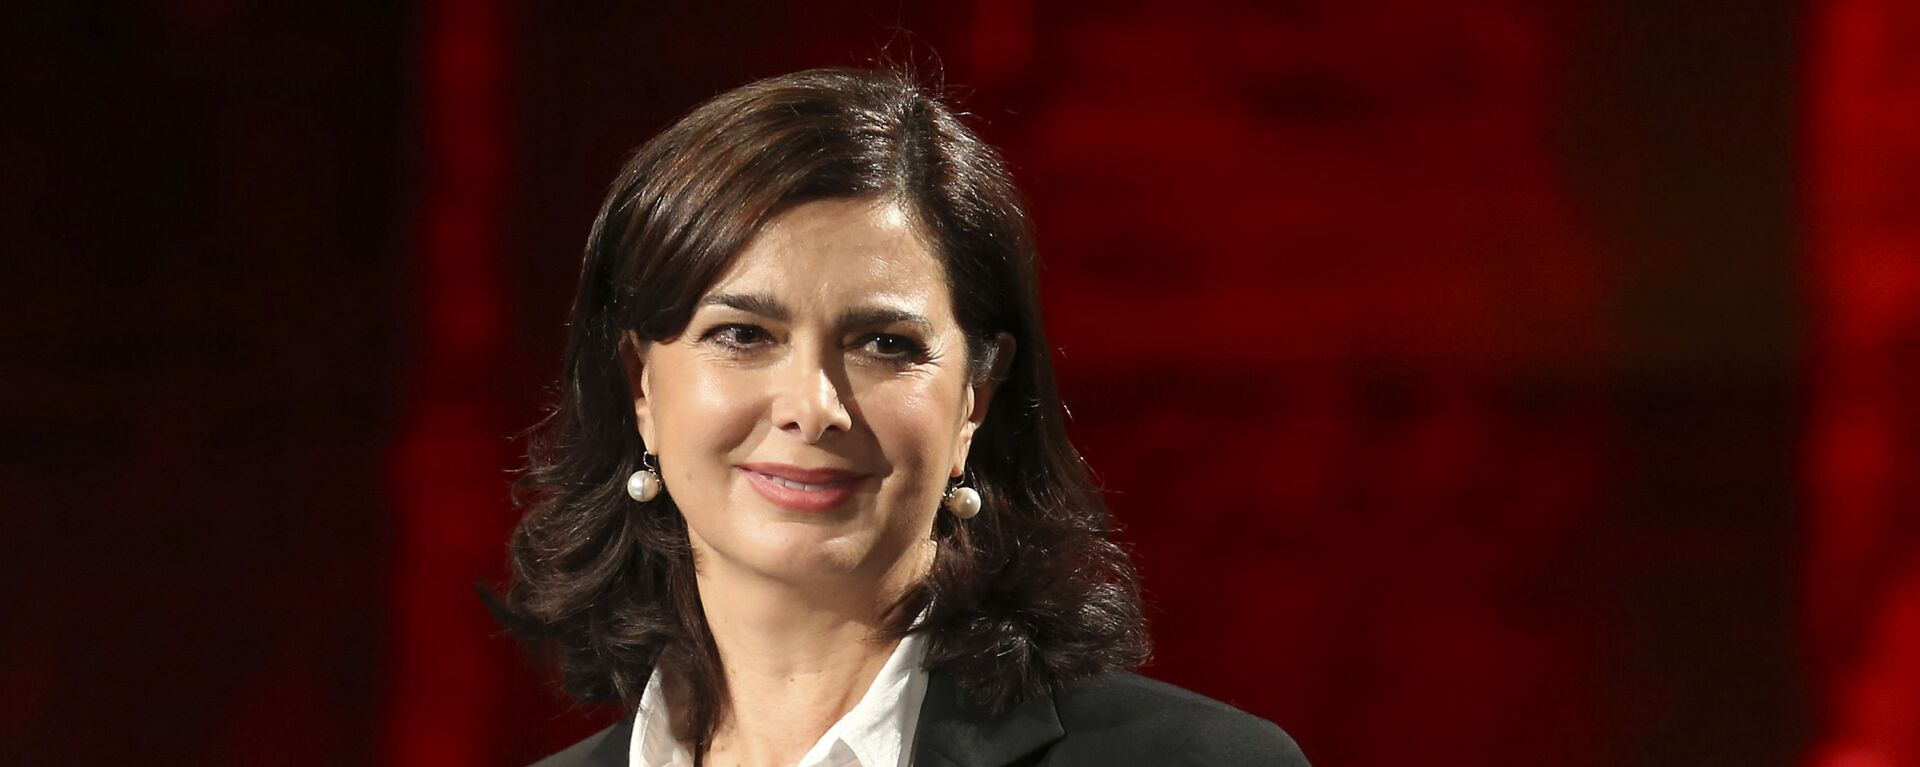 Laura Boldrini, politica italiana, già funzionaria internazionale delle Nazioni Unite e Presidente della Camera dei deputati - Sputnik Italia, 1920, 15.04.2021